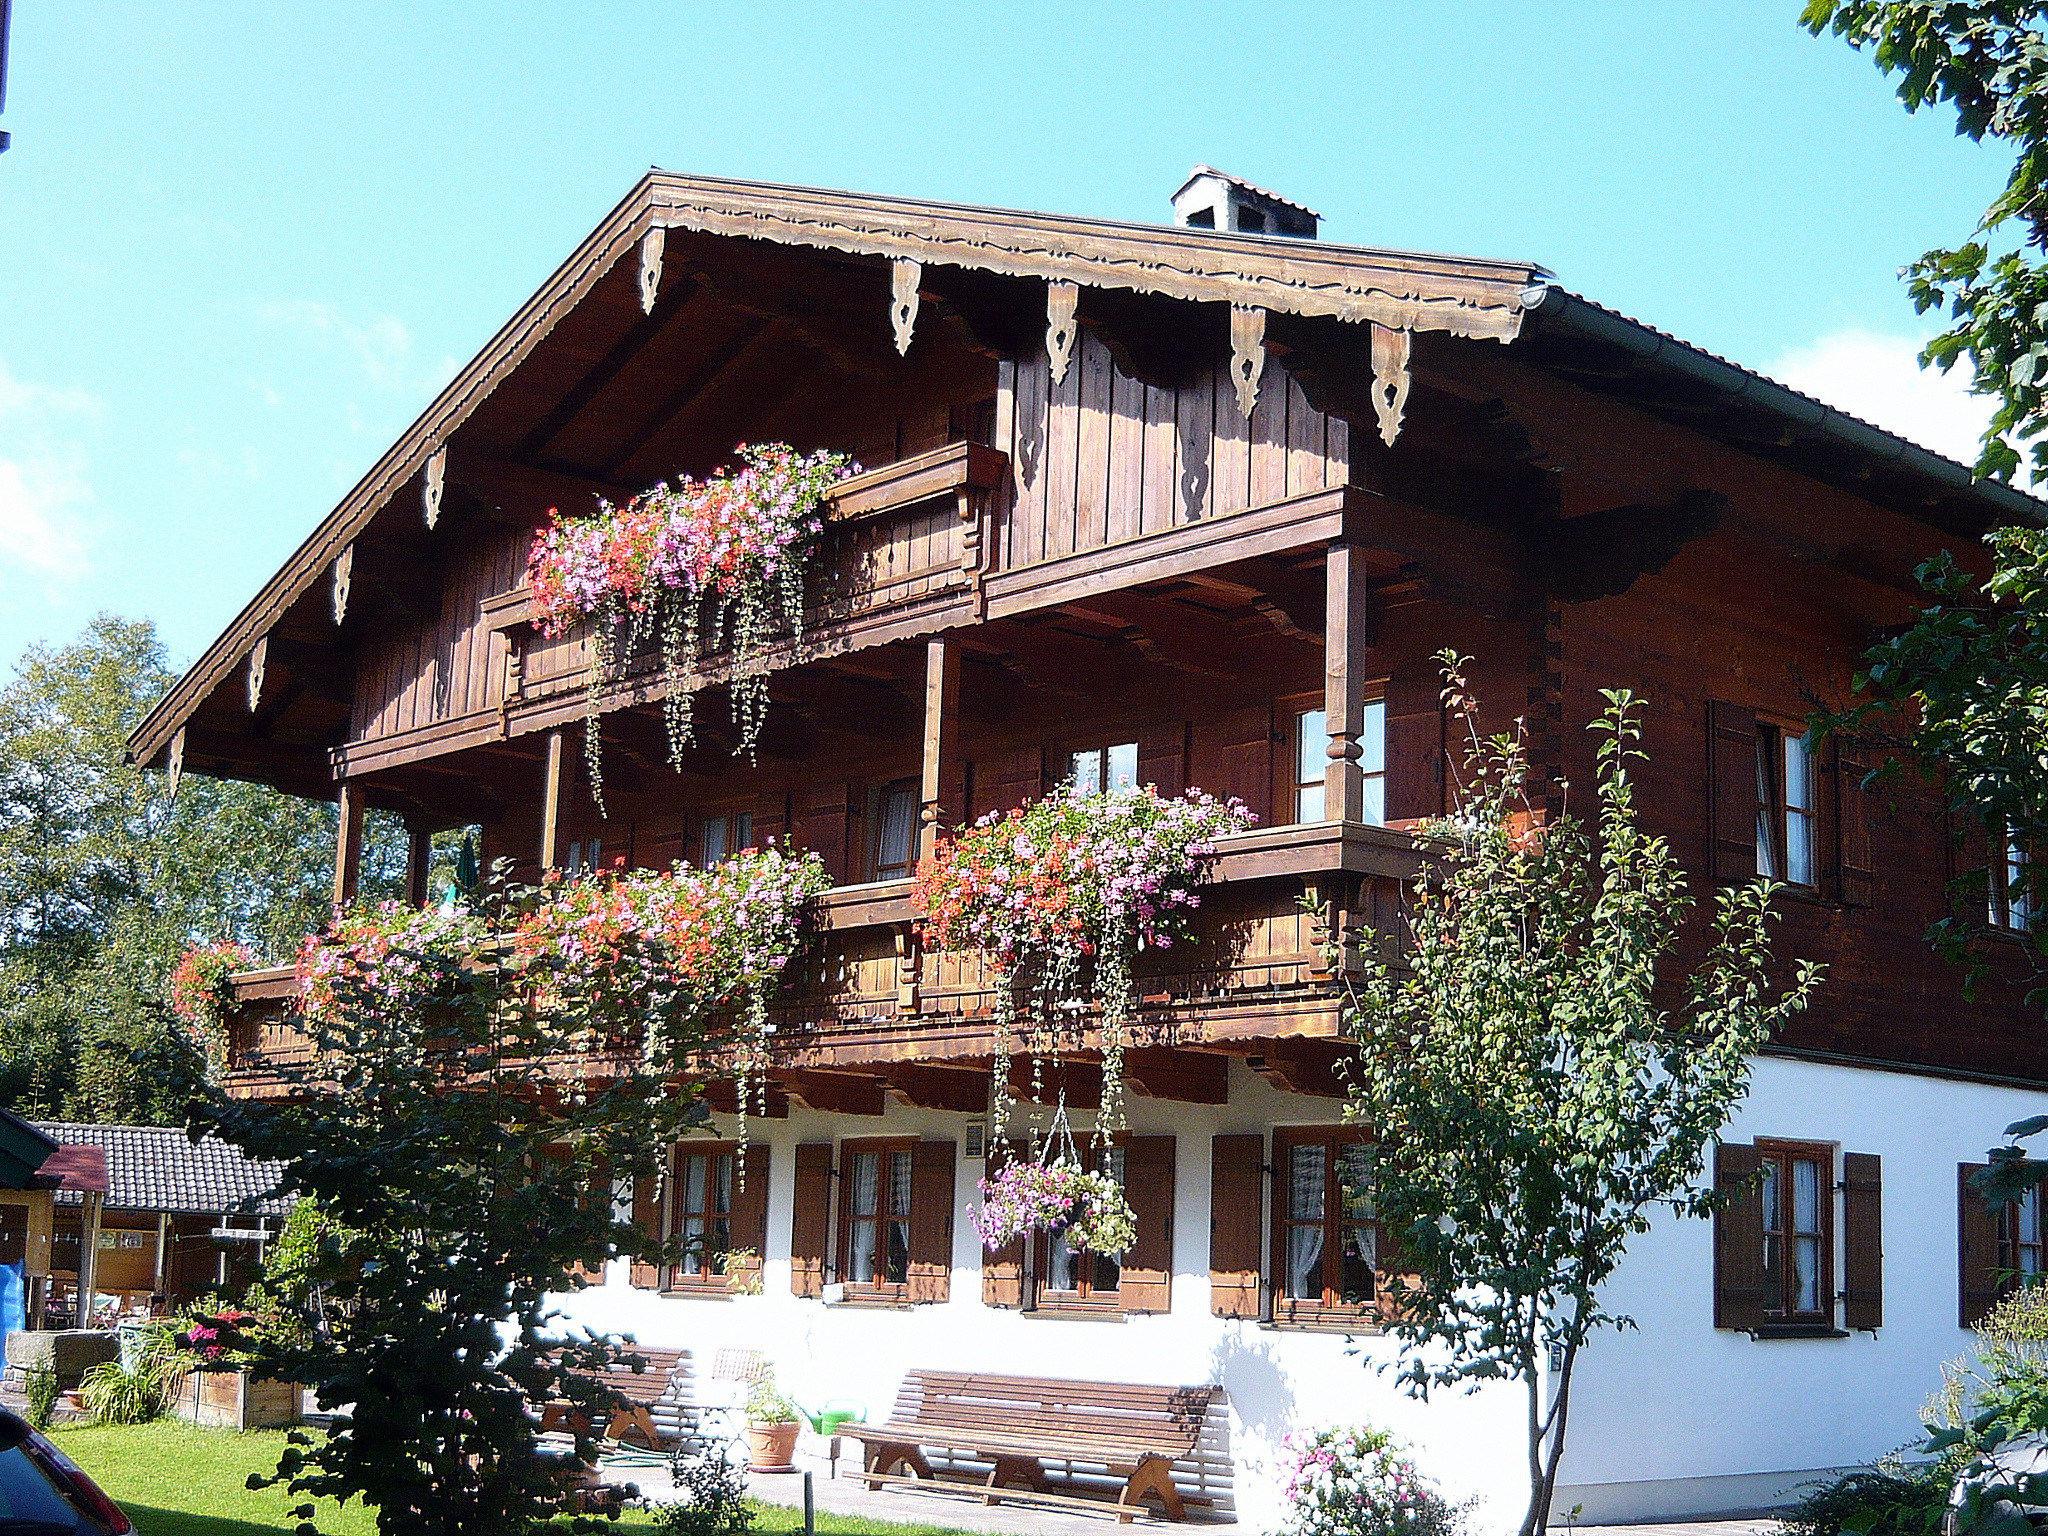 Appartement de vacances Gästehaus Kress - Chiemgau Karte (DE Inzell). Ferienwohnung 2 für 4 Personen, 1 Schlaf- un (712315), Inzell, Chiemgau, Bavière, Allemagne, image 4